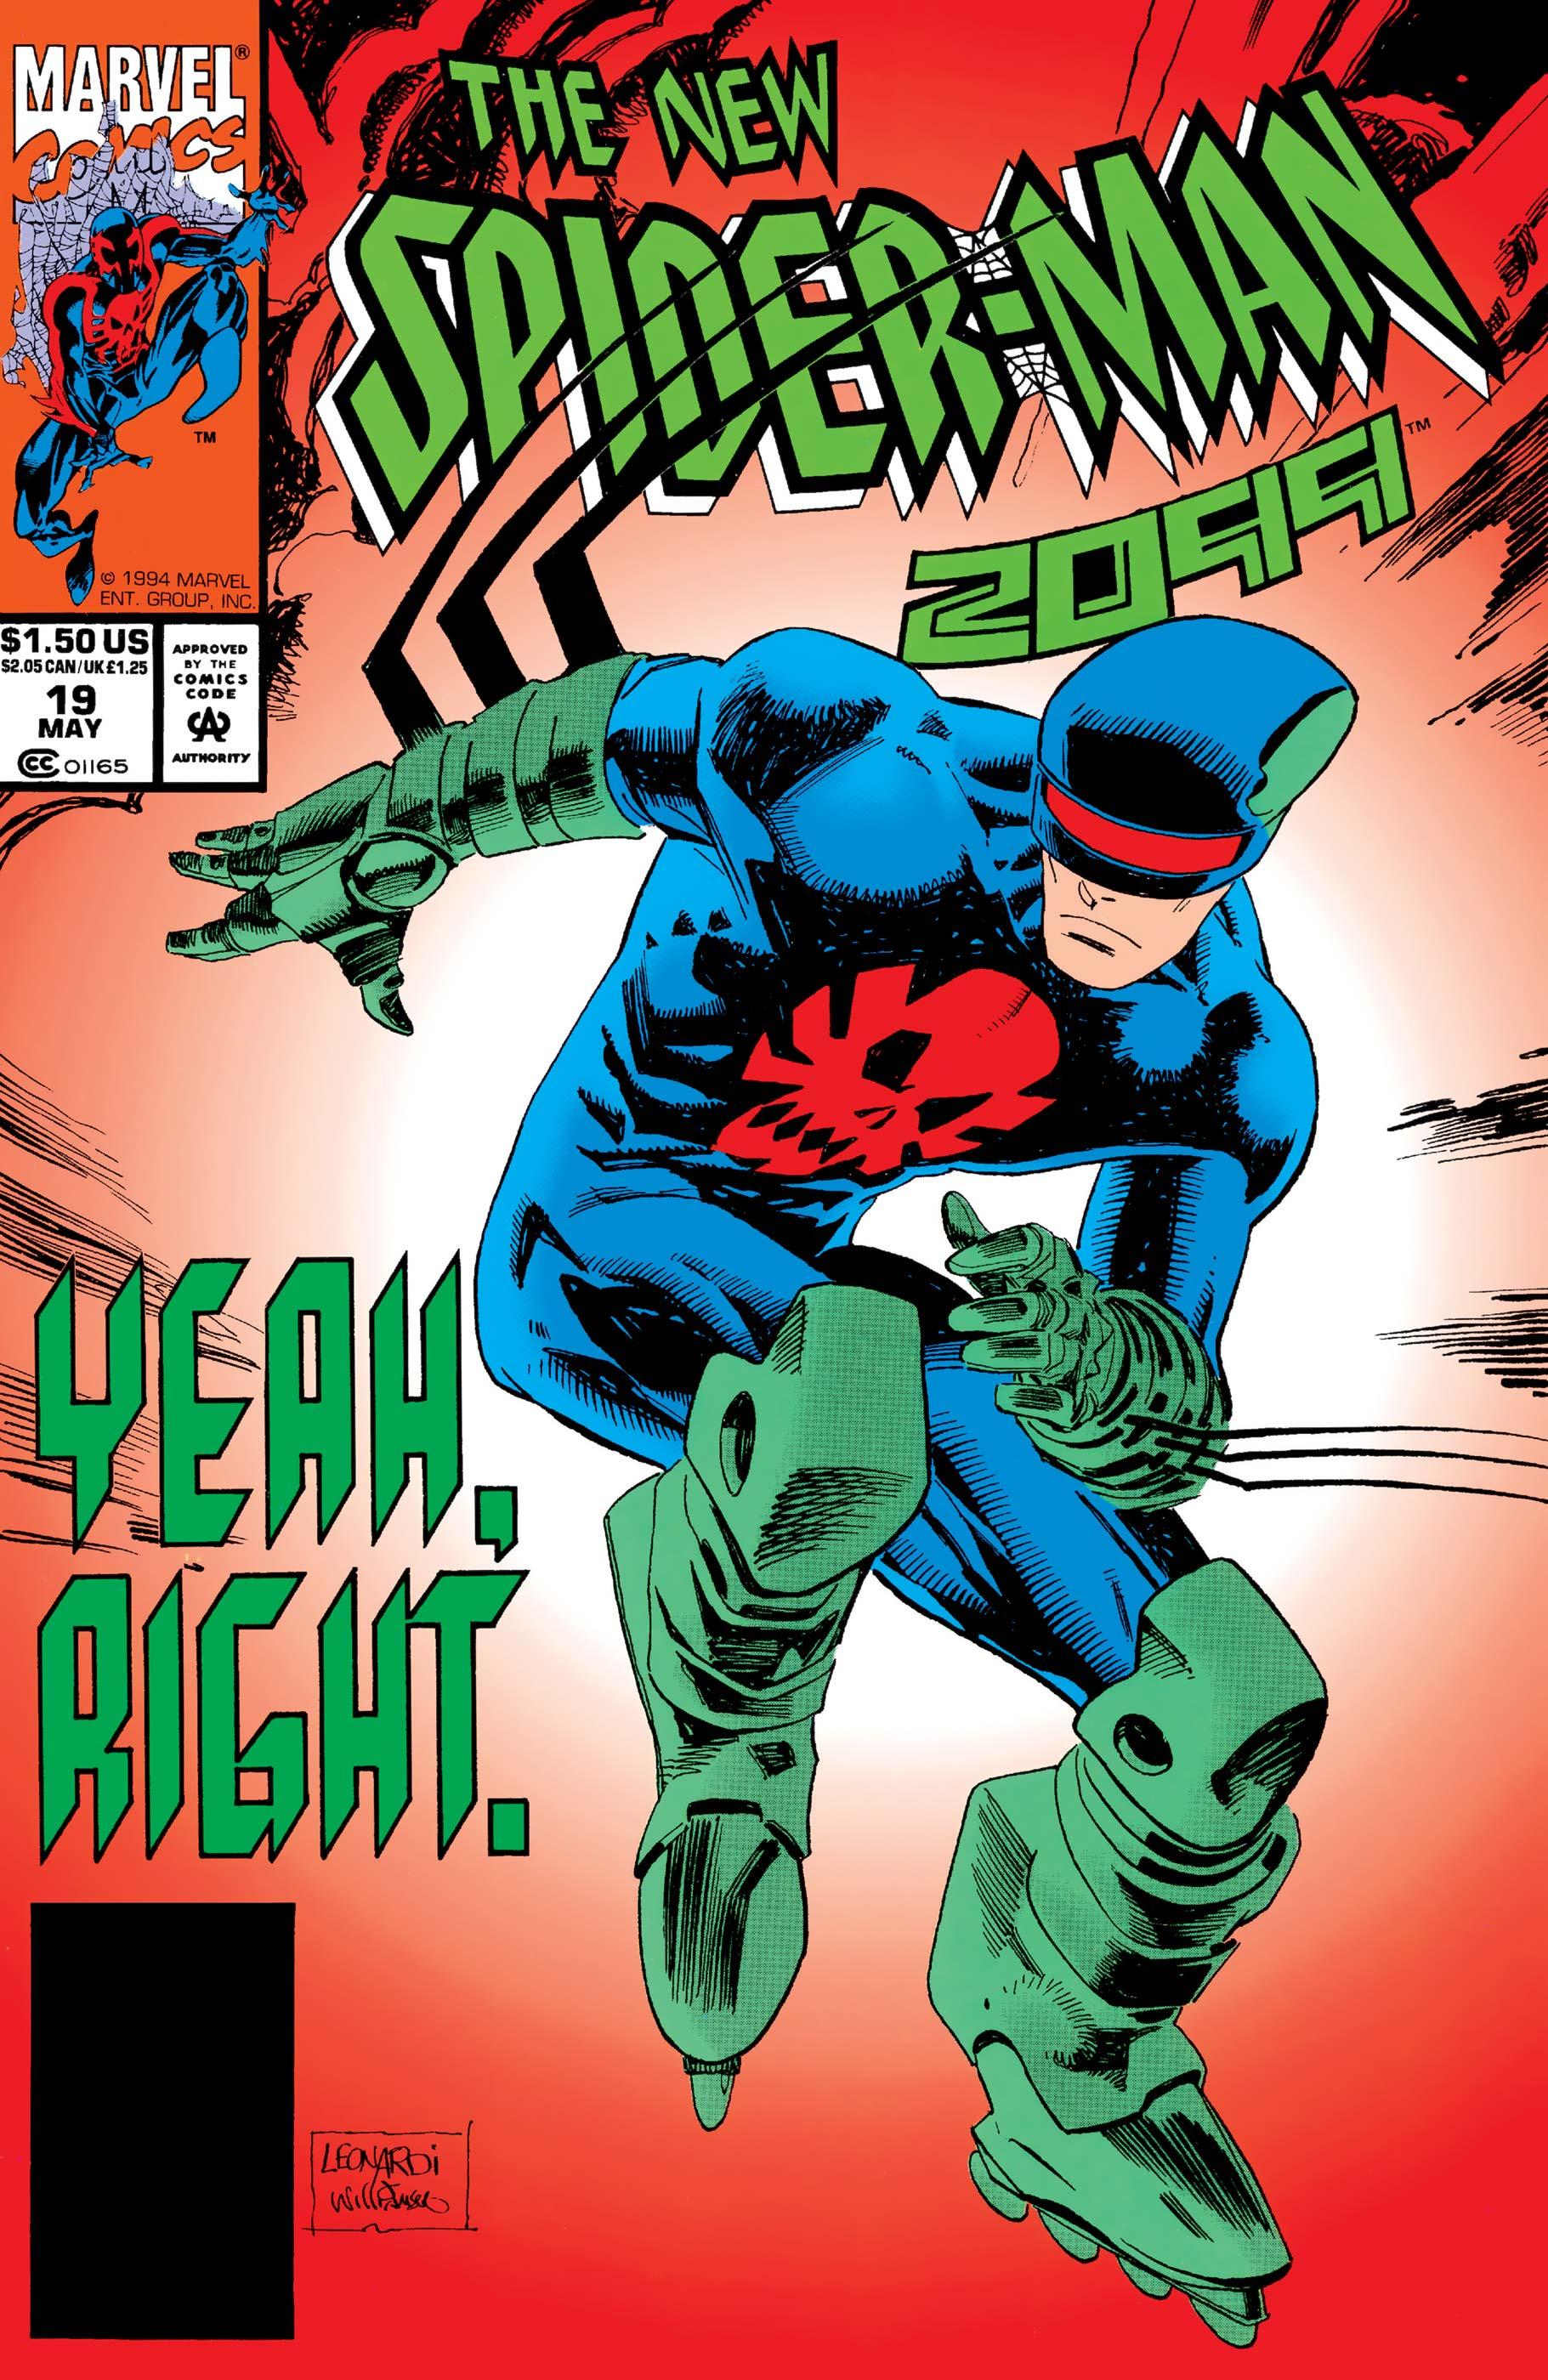 Spider-Man 2099 (1992) #19